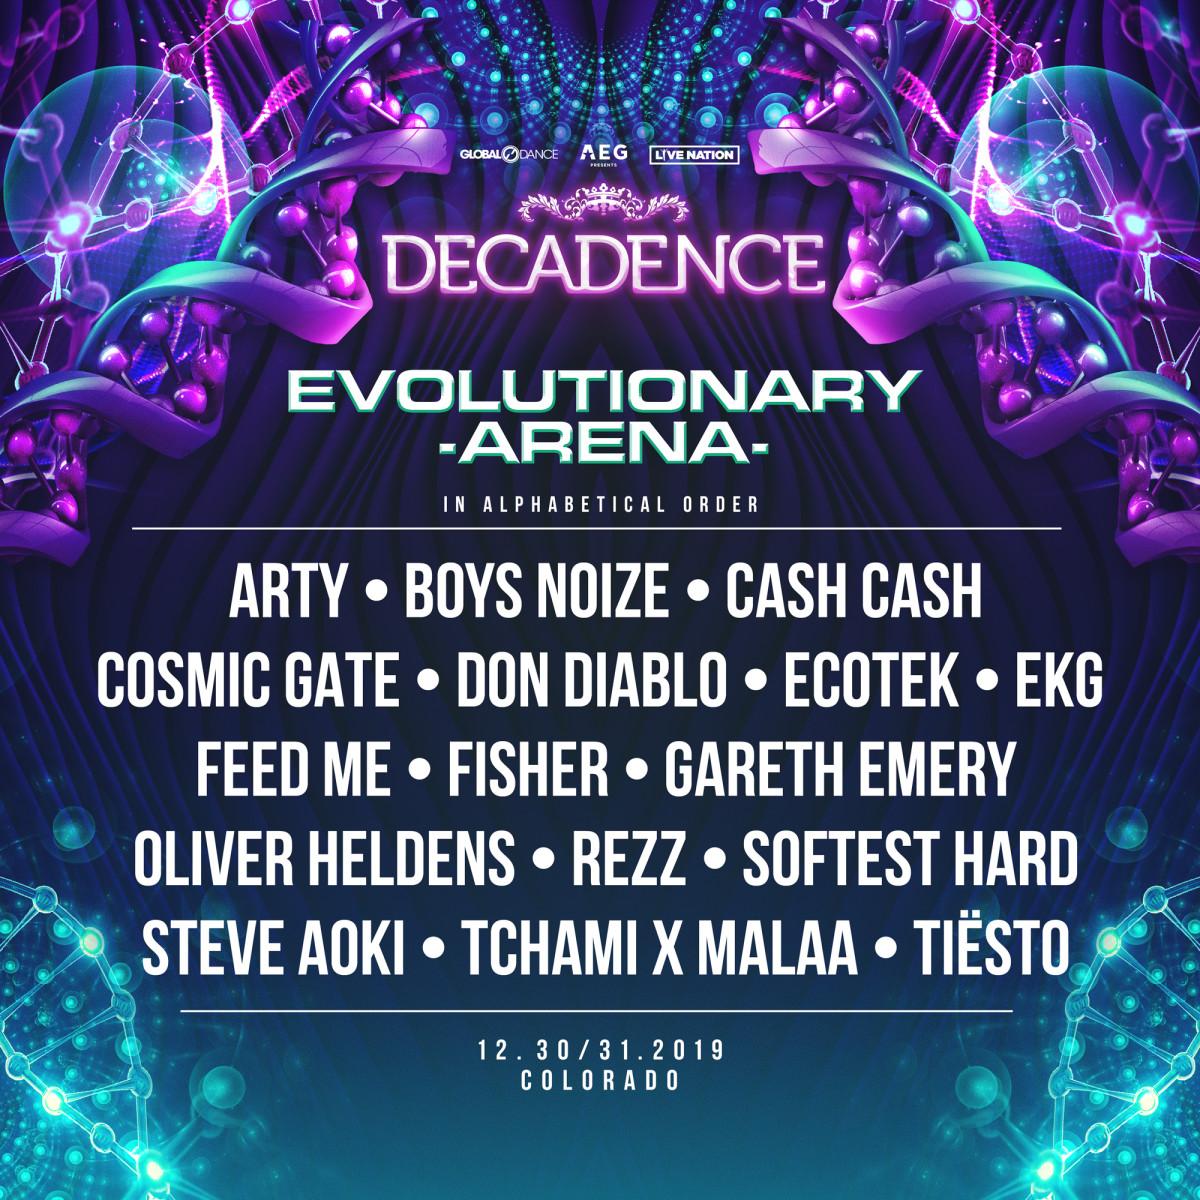 Decadence NYE 2019 Colorado Lineup Evolutionary Arena